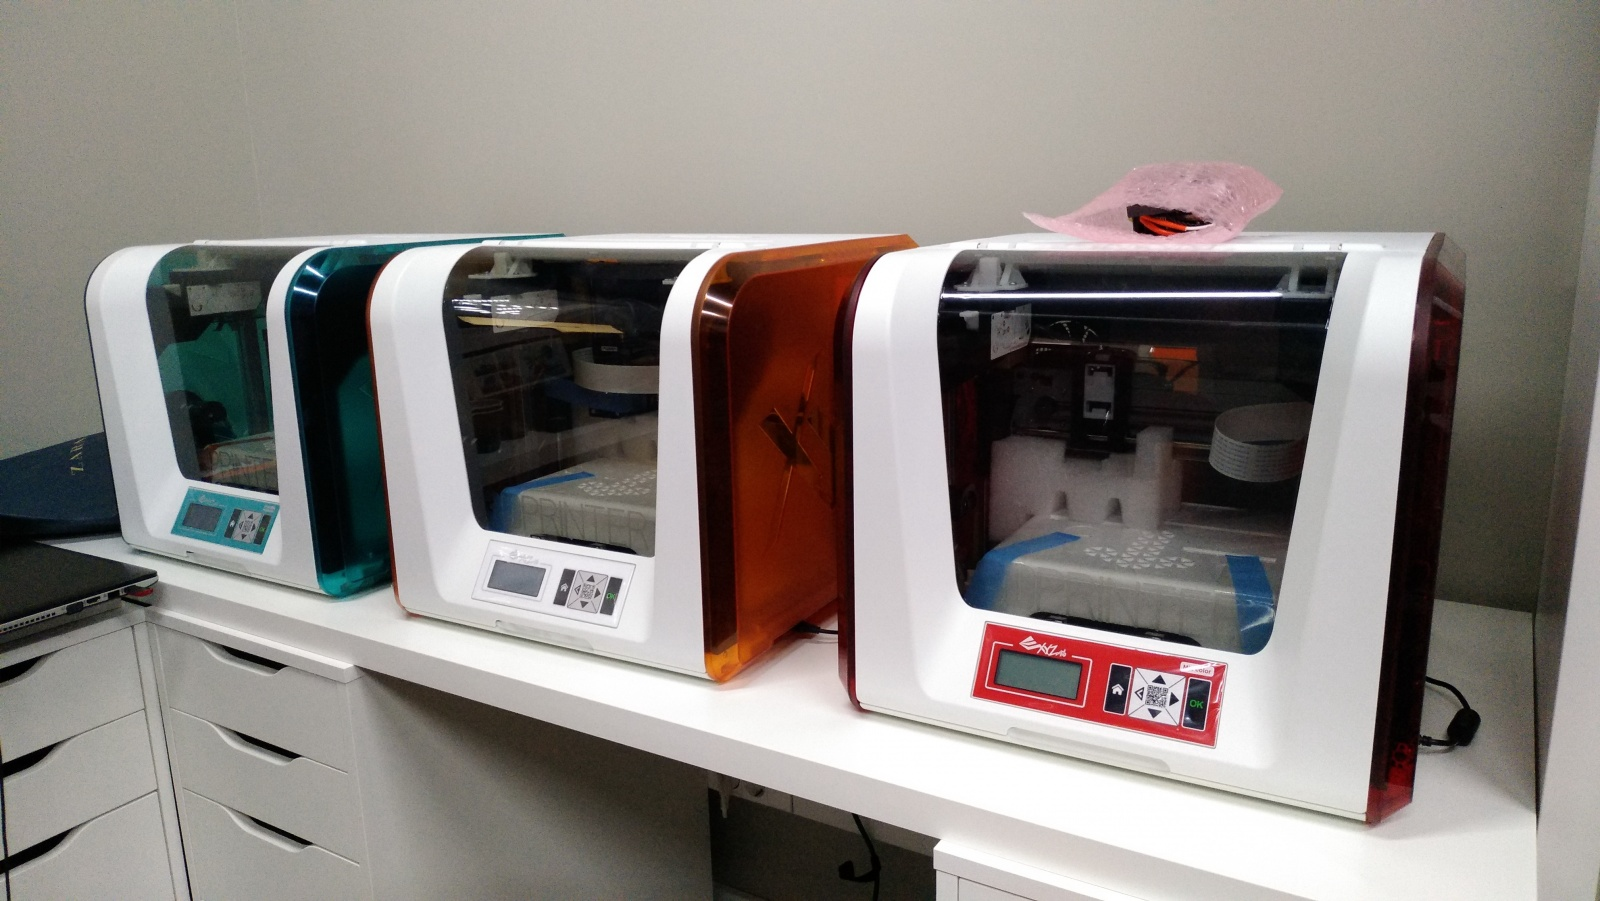 Цветной 3D-принтер Da Vinci. Фоторепортаж с презентации Компании XYZprinting - 1